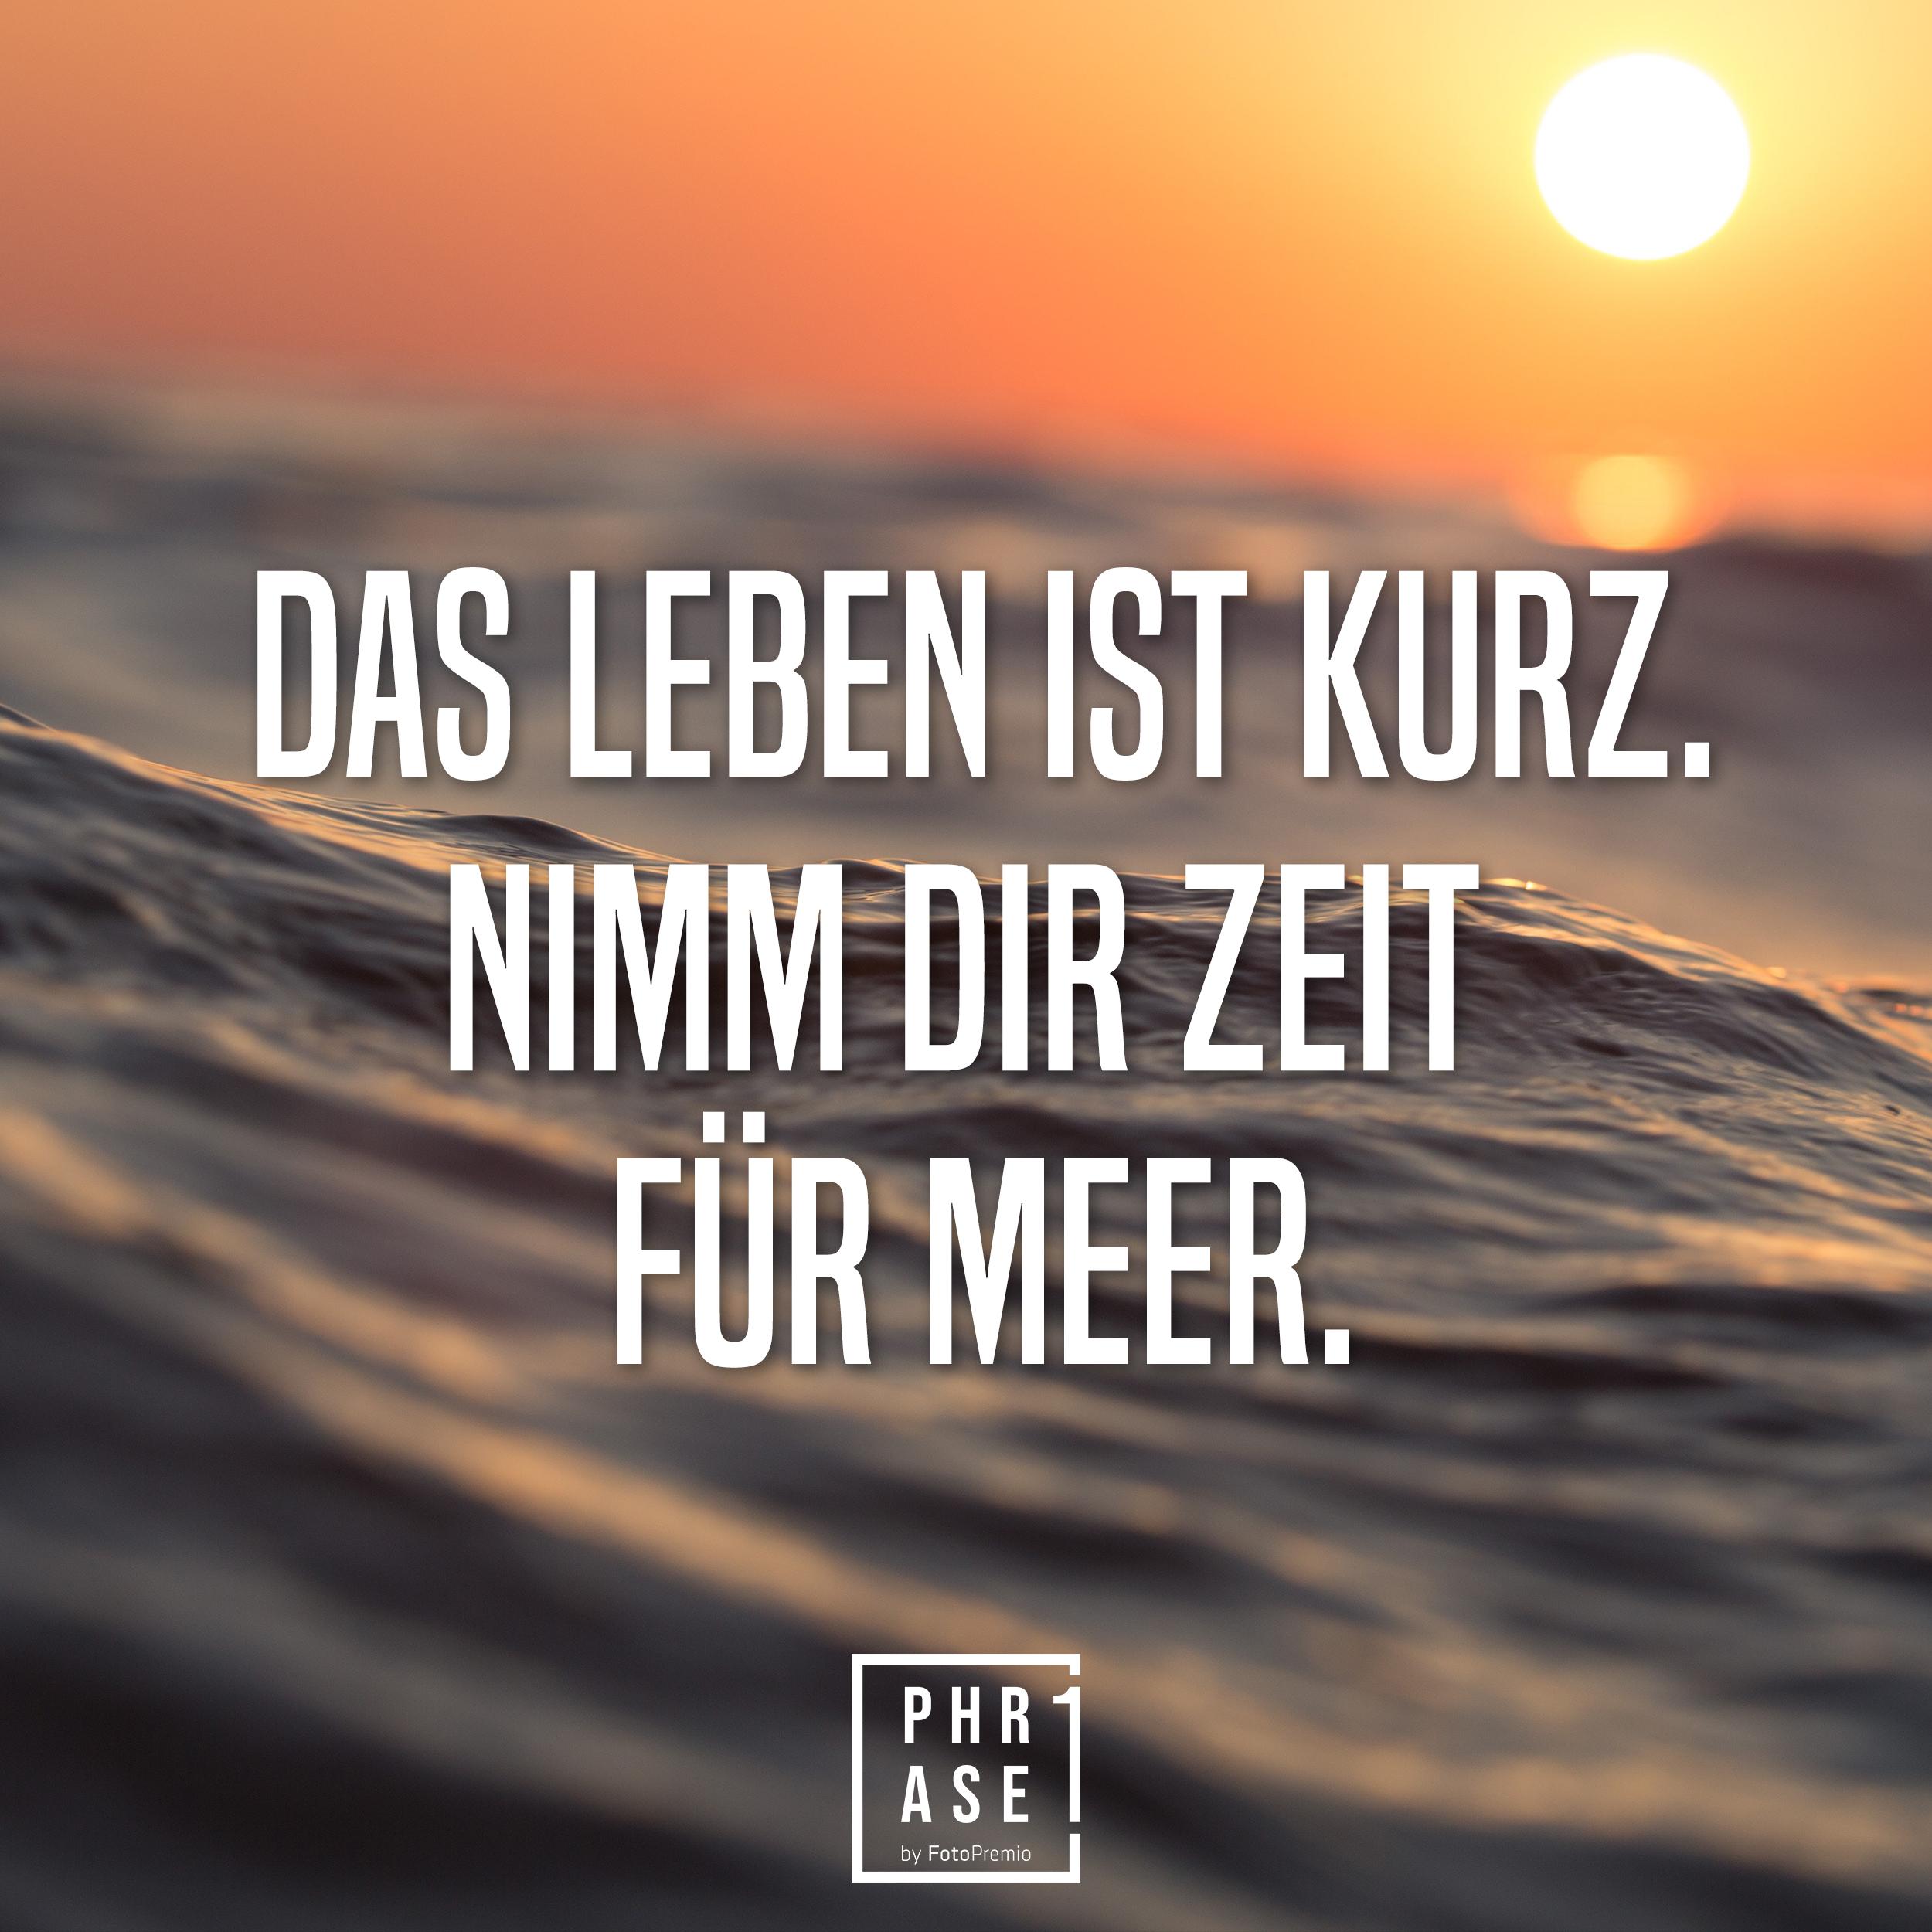 Das leben ist kurz. Nimm dir Zeit für Meer.